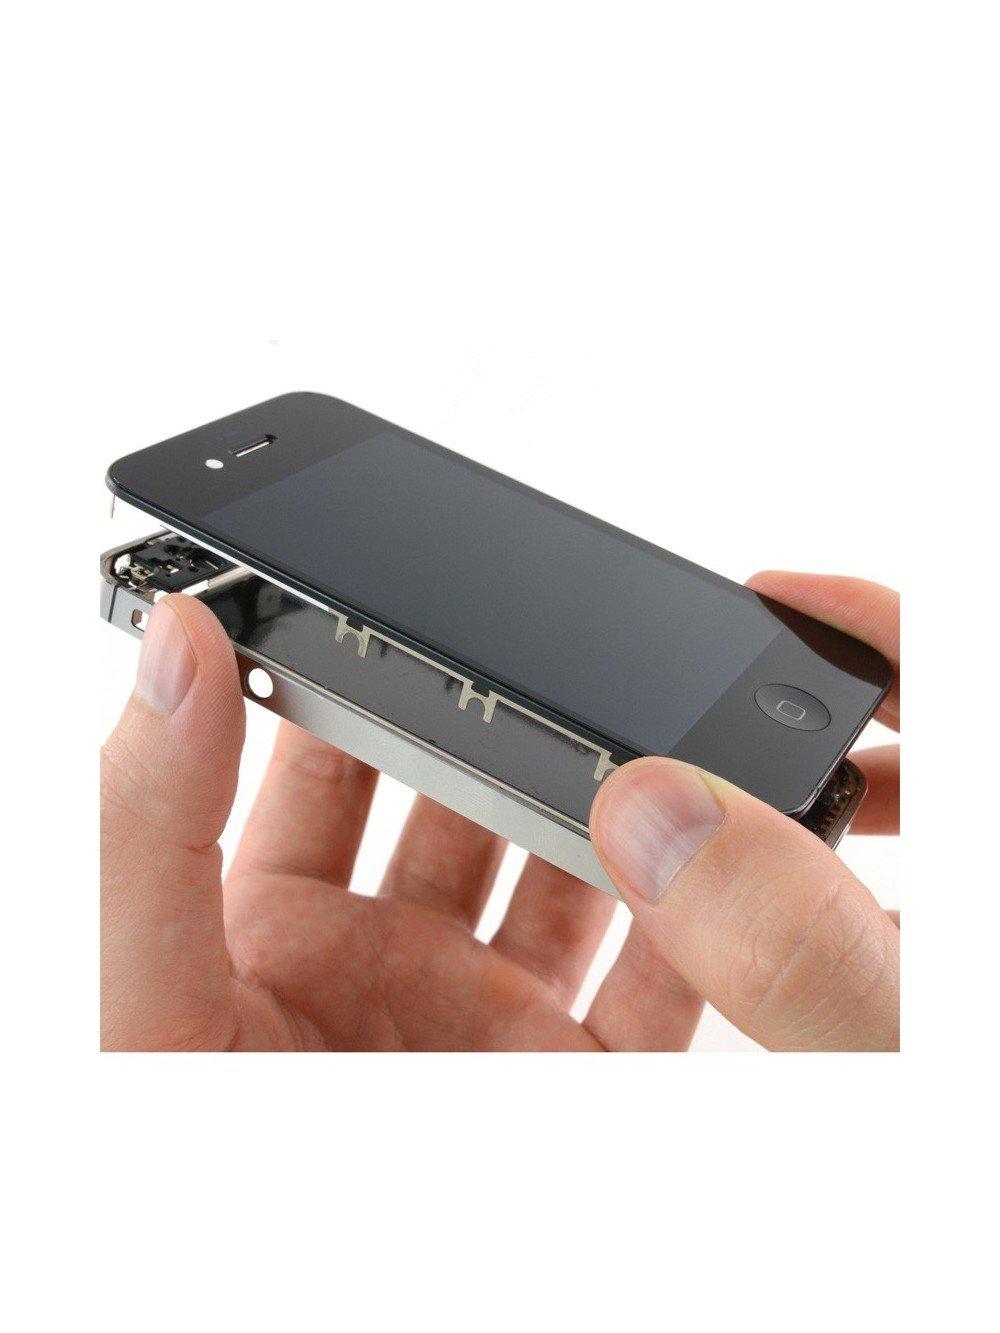 Réparation Vitre iPhone 4s Noire